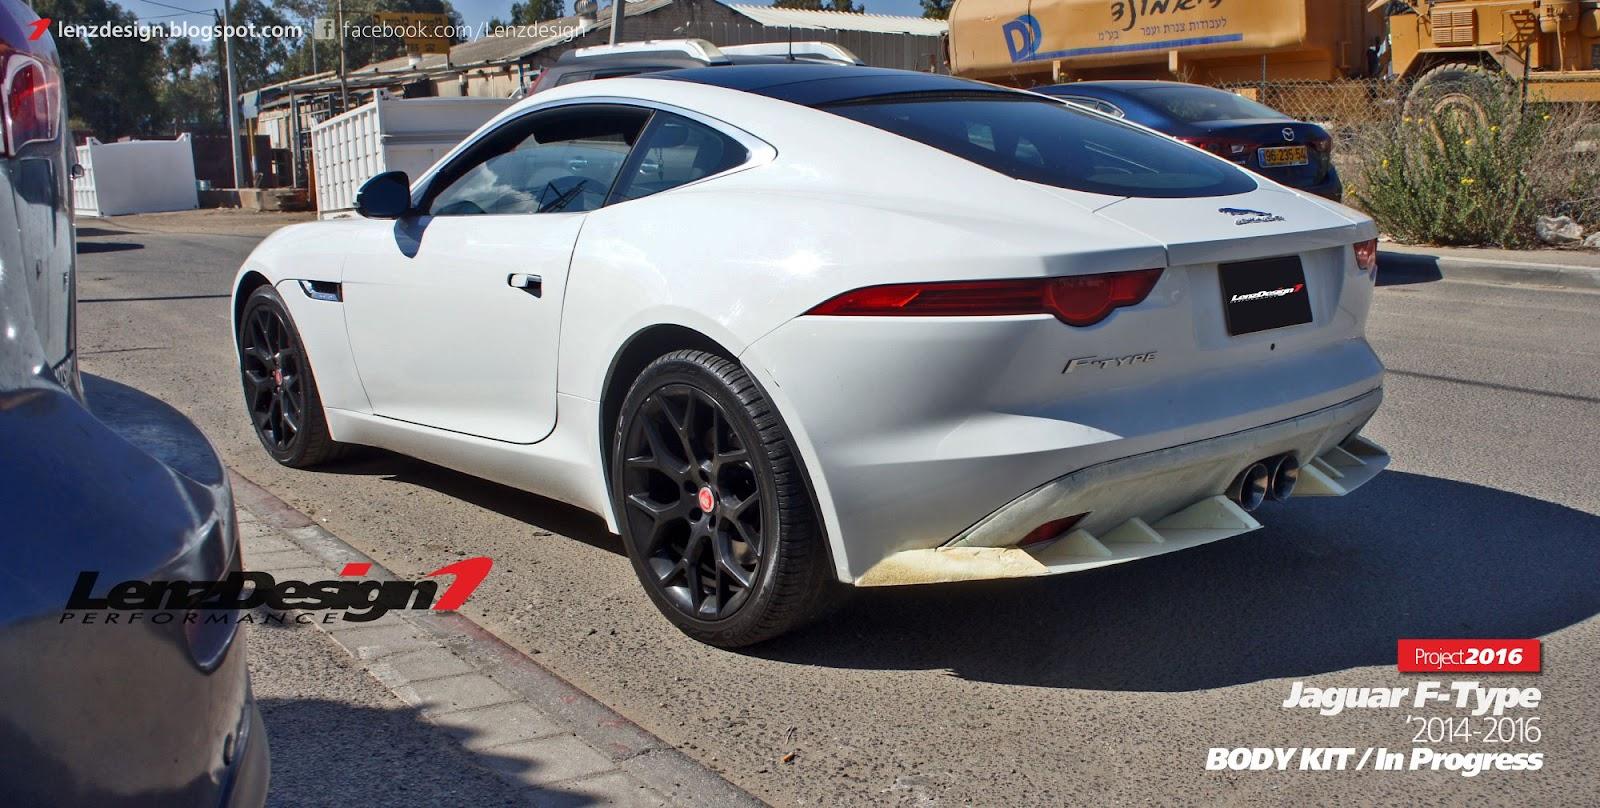 Jaguar F-Type Body Kit Lenzdesign Performance